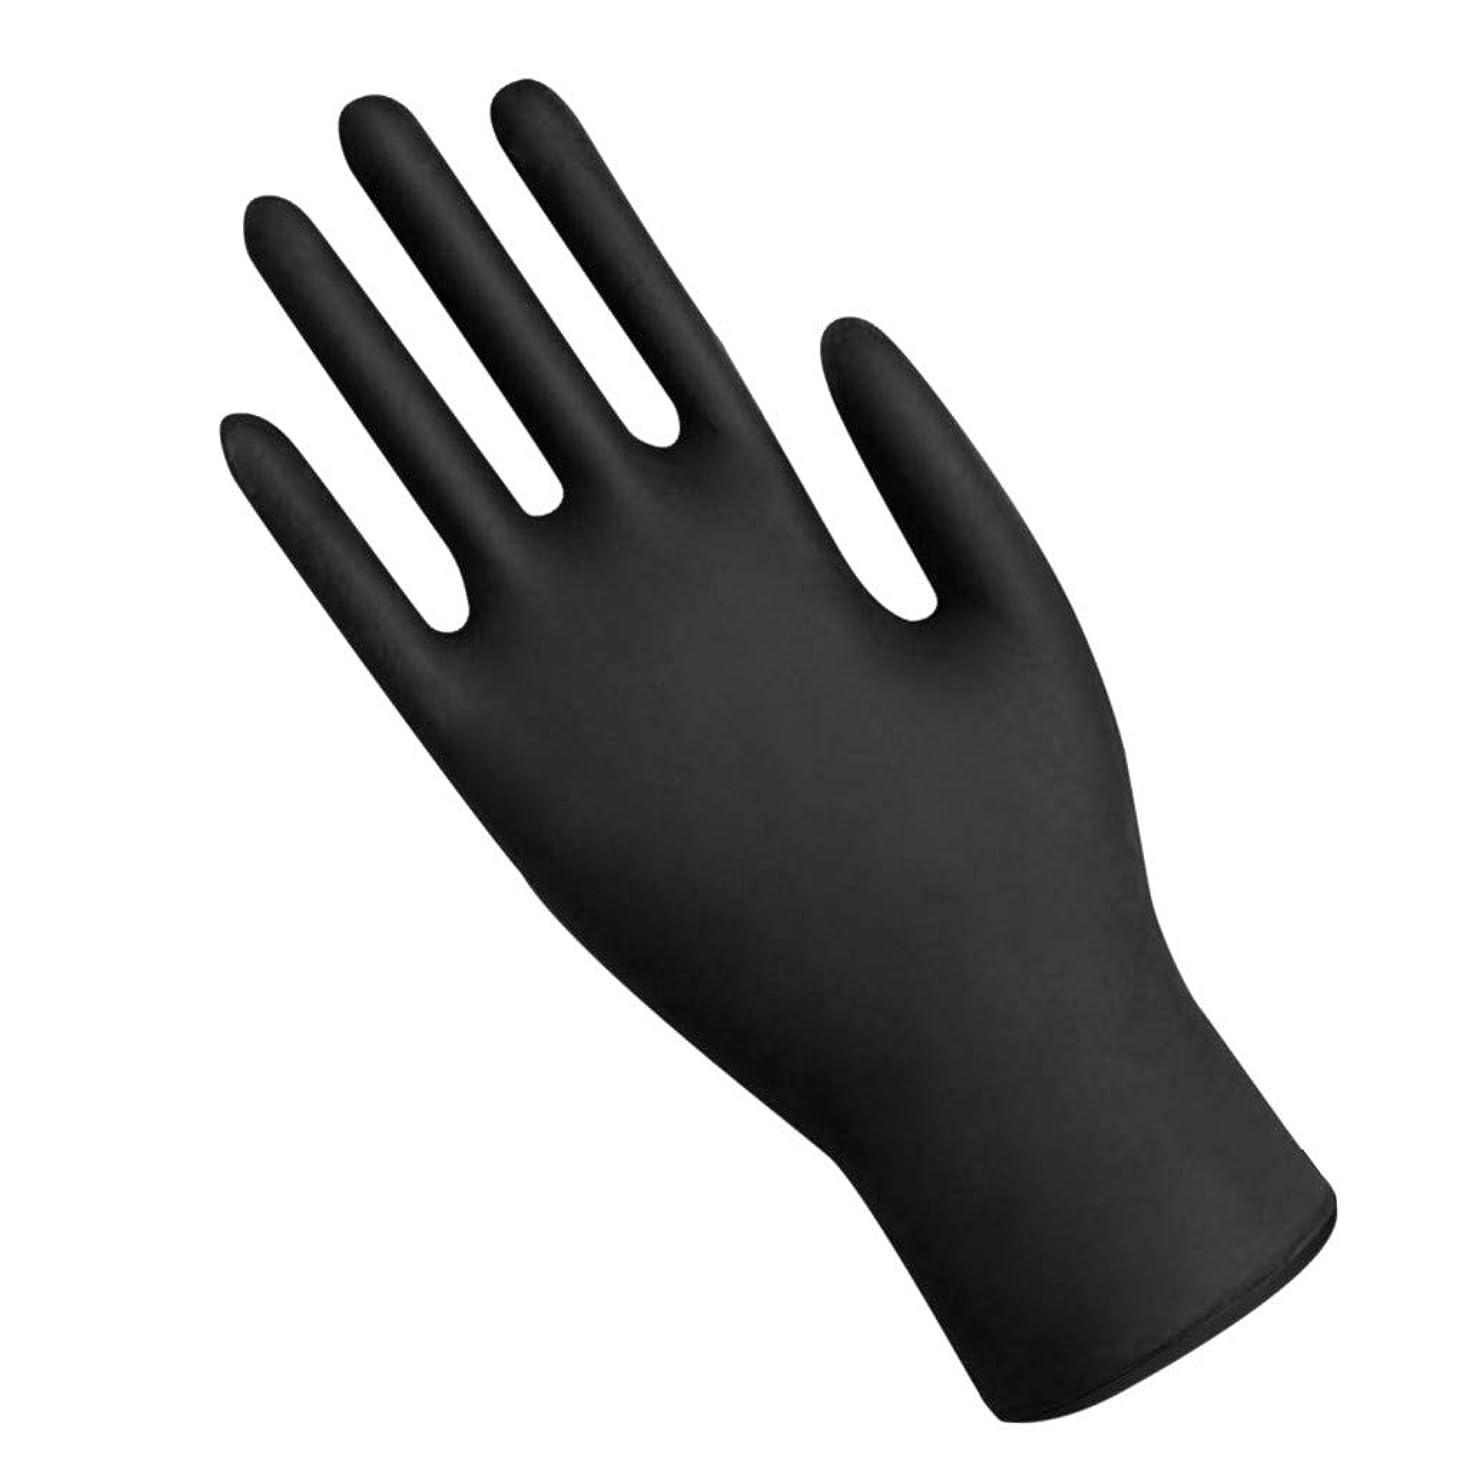 暗殺者不安ベルトLazayyi 50枚入 シルク手袋 手袋 使い捨て手袋 手荒い 滑りにくい 超弾性 (M, ブラック)